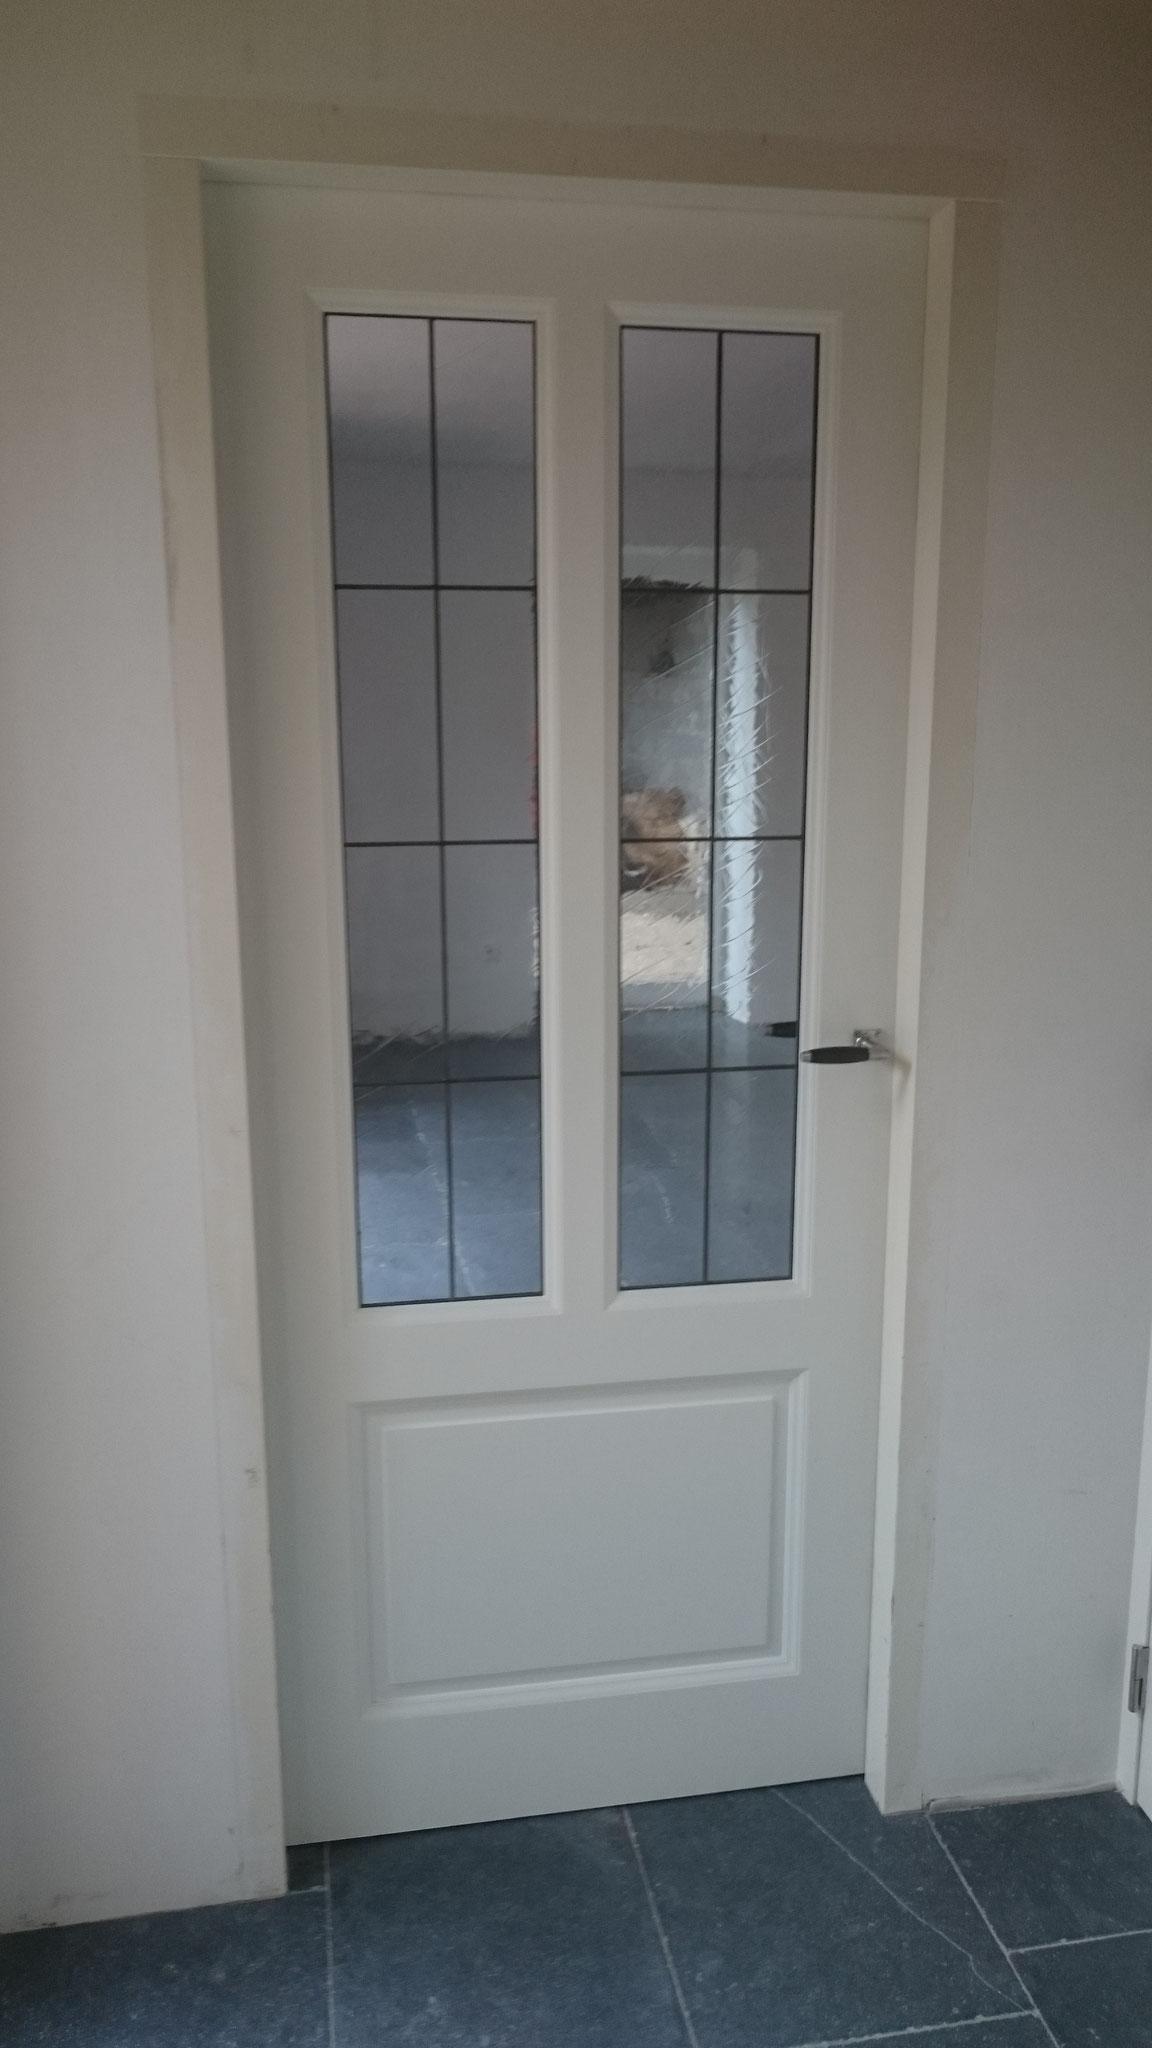 binnendeur glas-in-lood